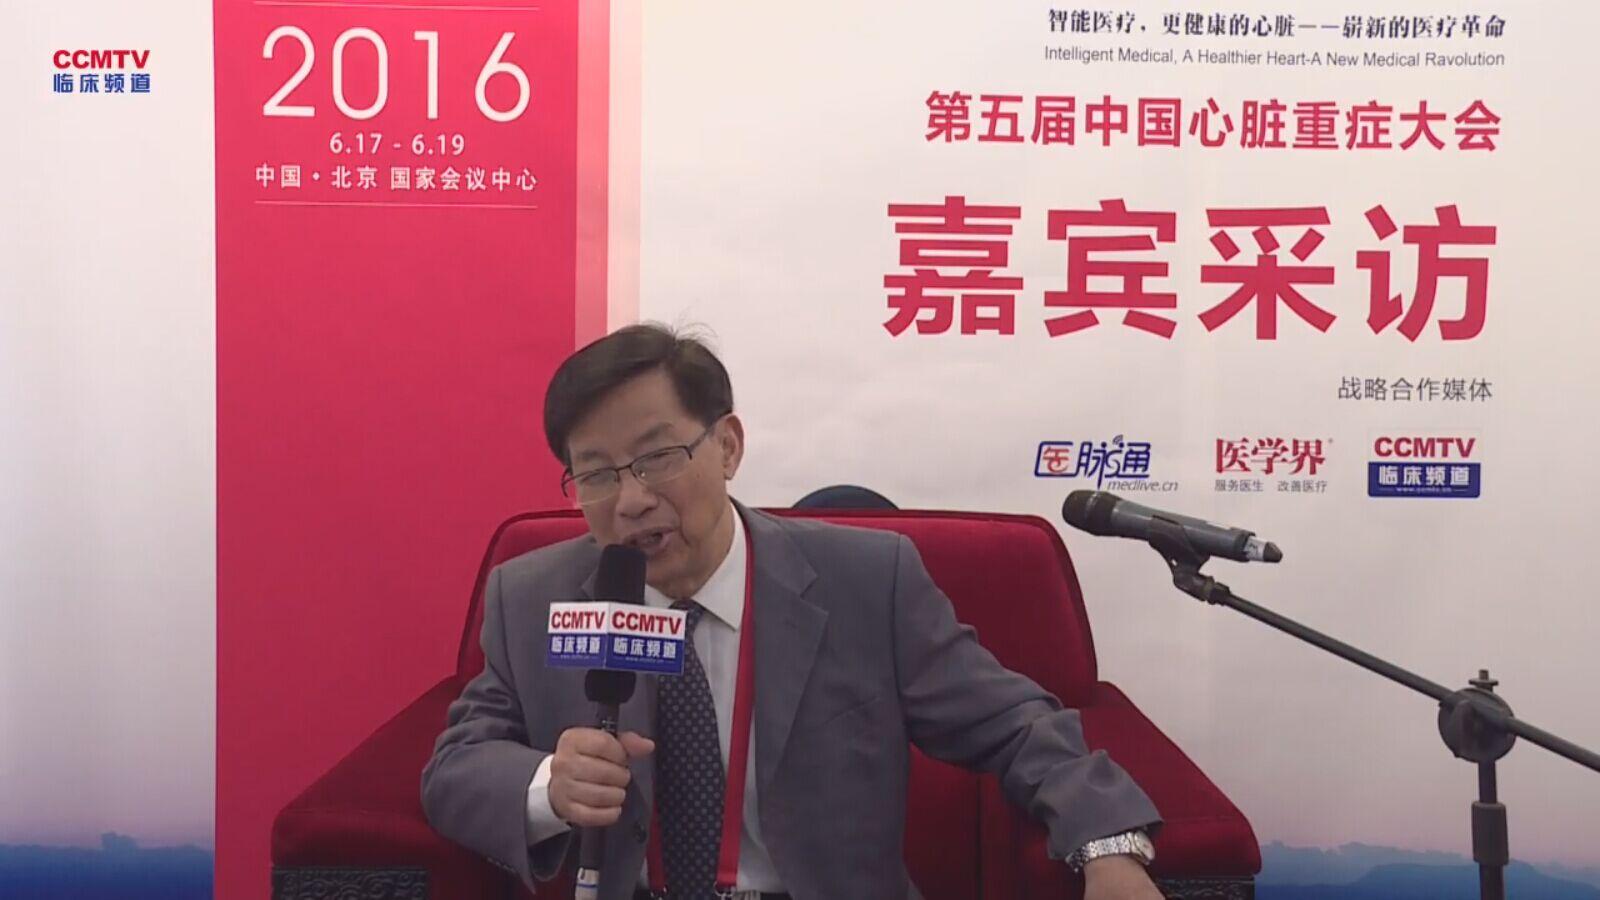 阮长耿:血栓性疾病的发生机制与治疗策略